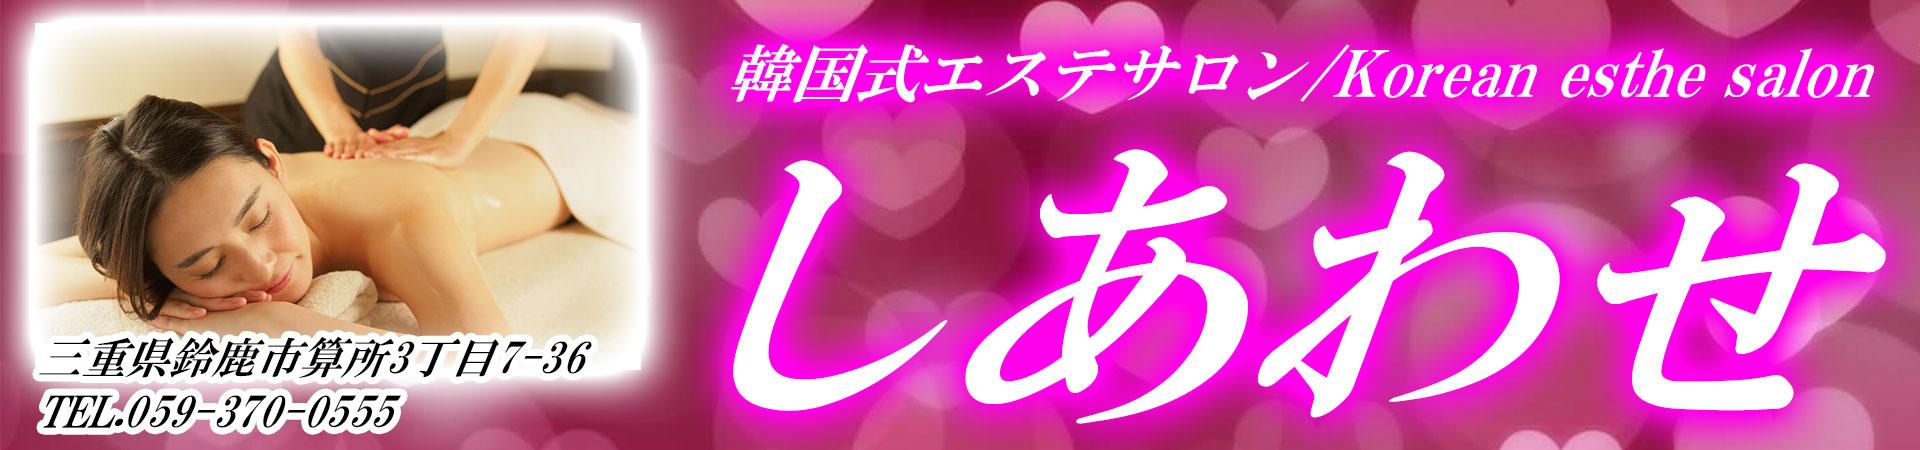 非公開: 【しあわせ】鈴鹿/三重